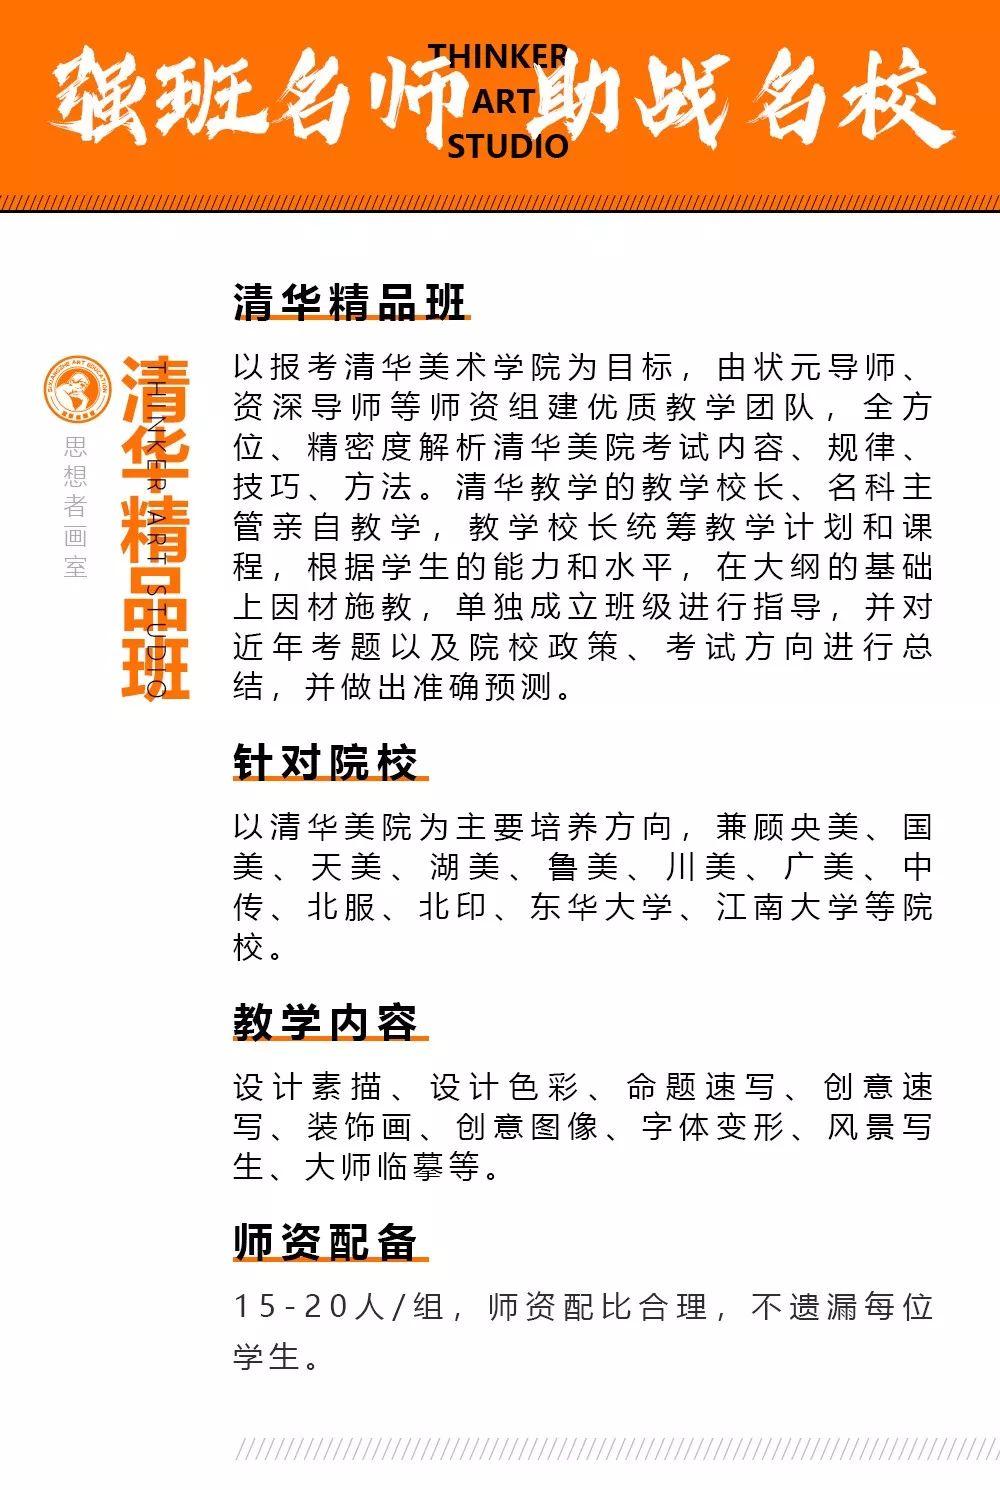 北京思想者画室预报名开启,北京画室招生,北京美术画室    02